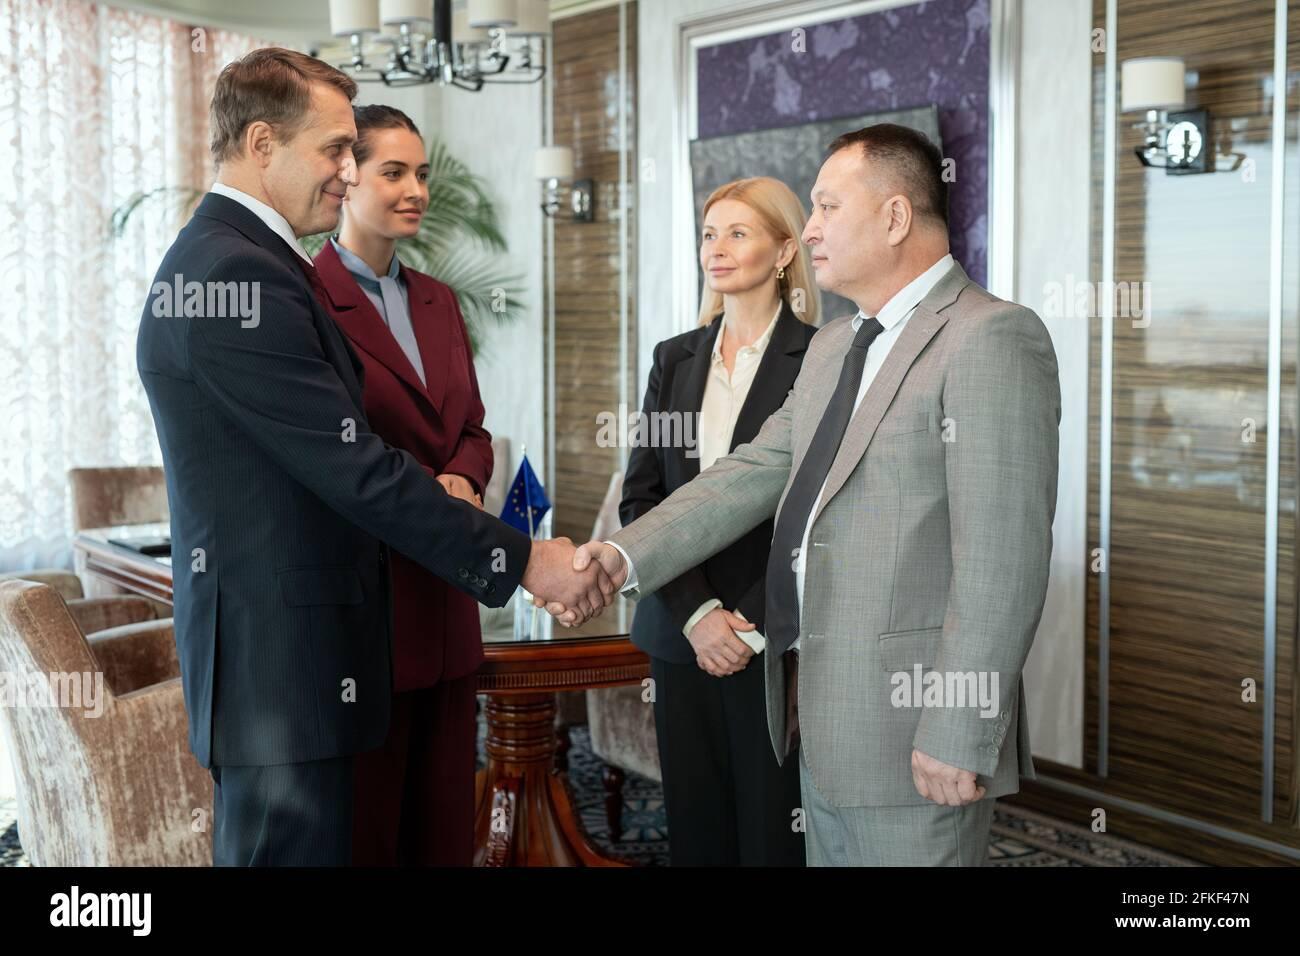 Eine Gruppe erfolgreicher eleganter Geschäftsleute, die sich im Sitzungssaal die Hände schütteln Stockfoto